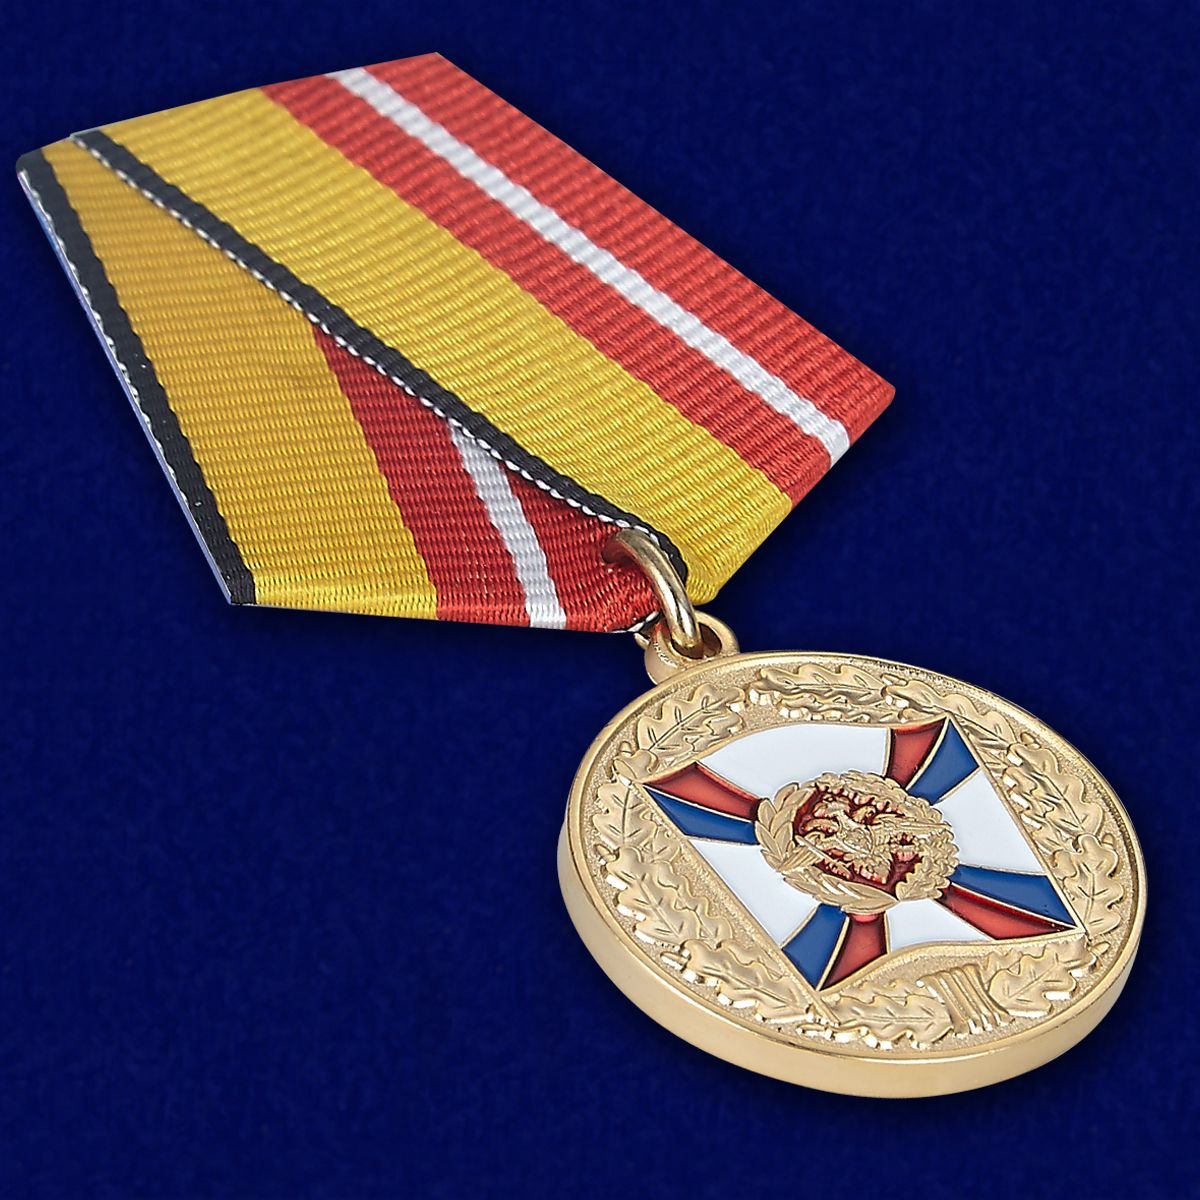 Медаль «За воинскую доблесть» 1 степени МО РФ - вид под углом